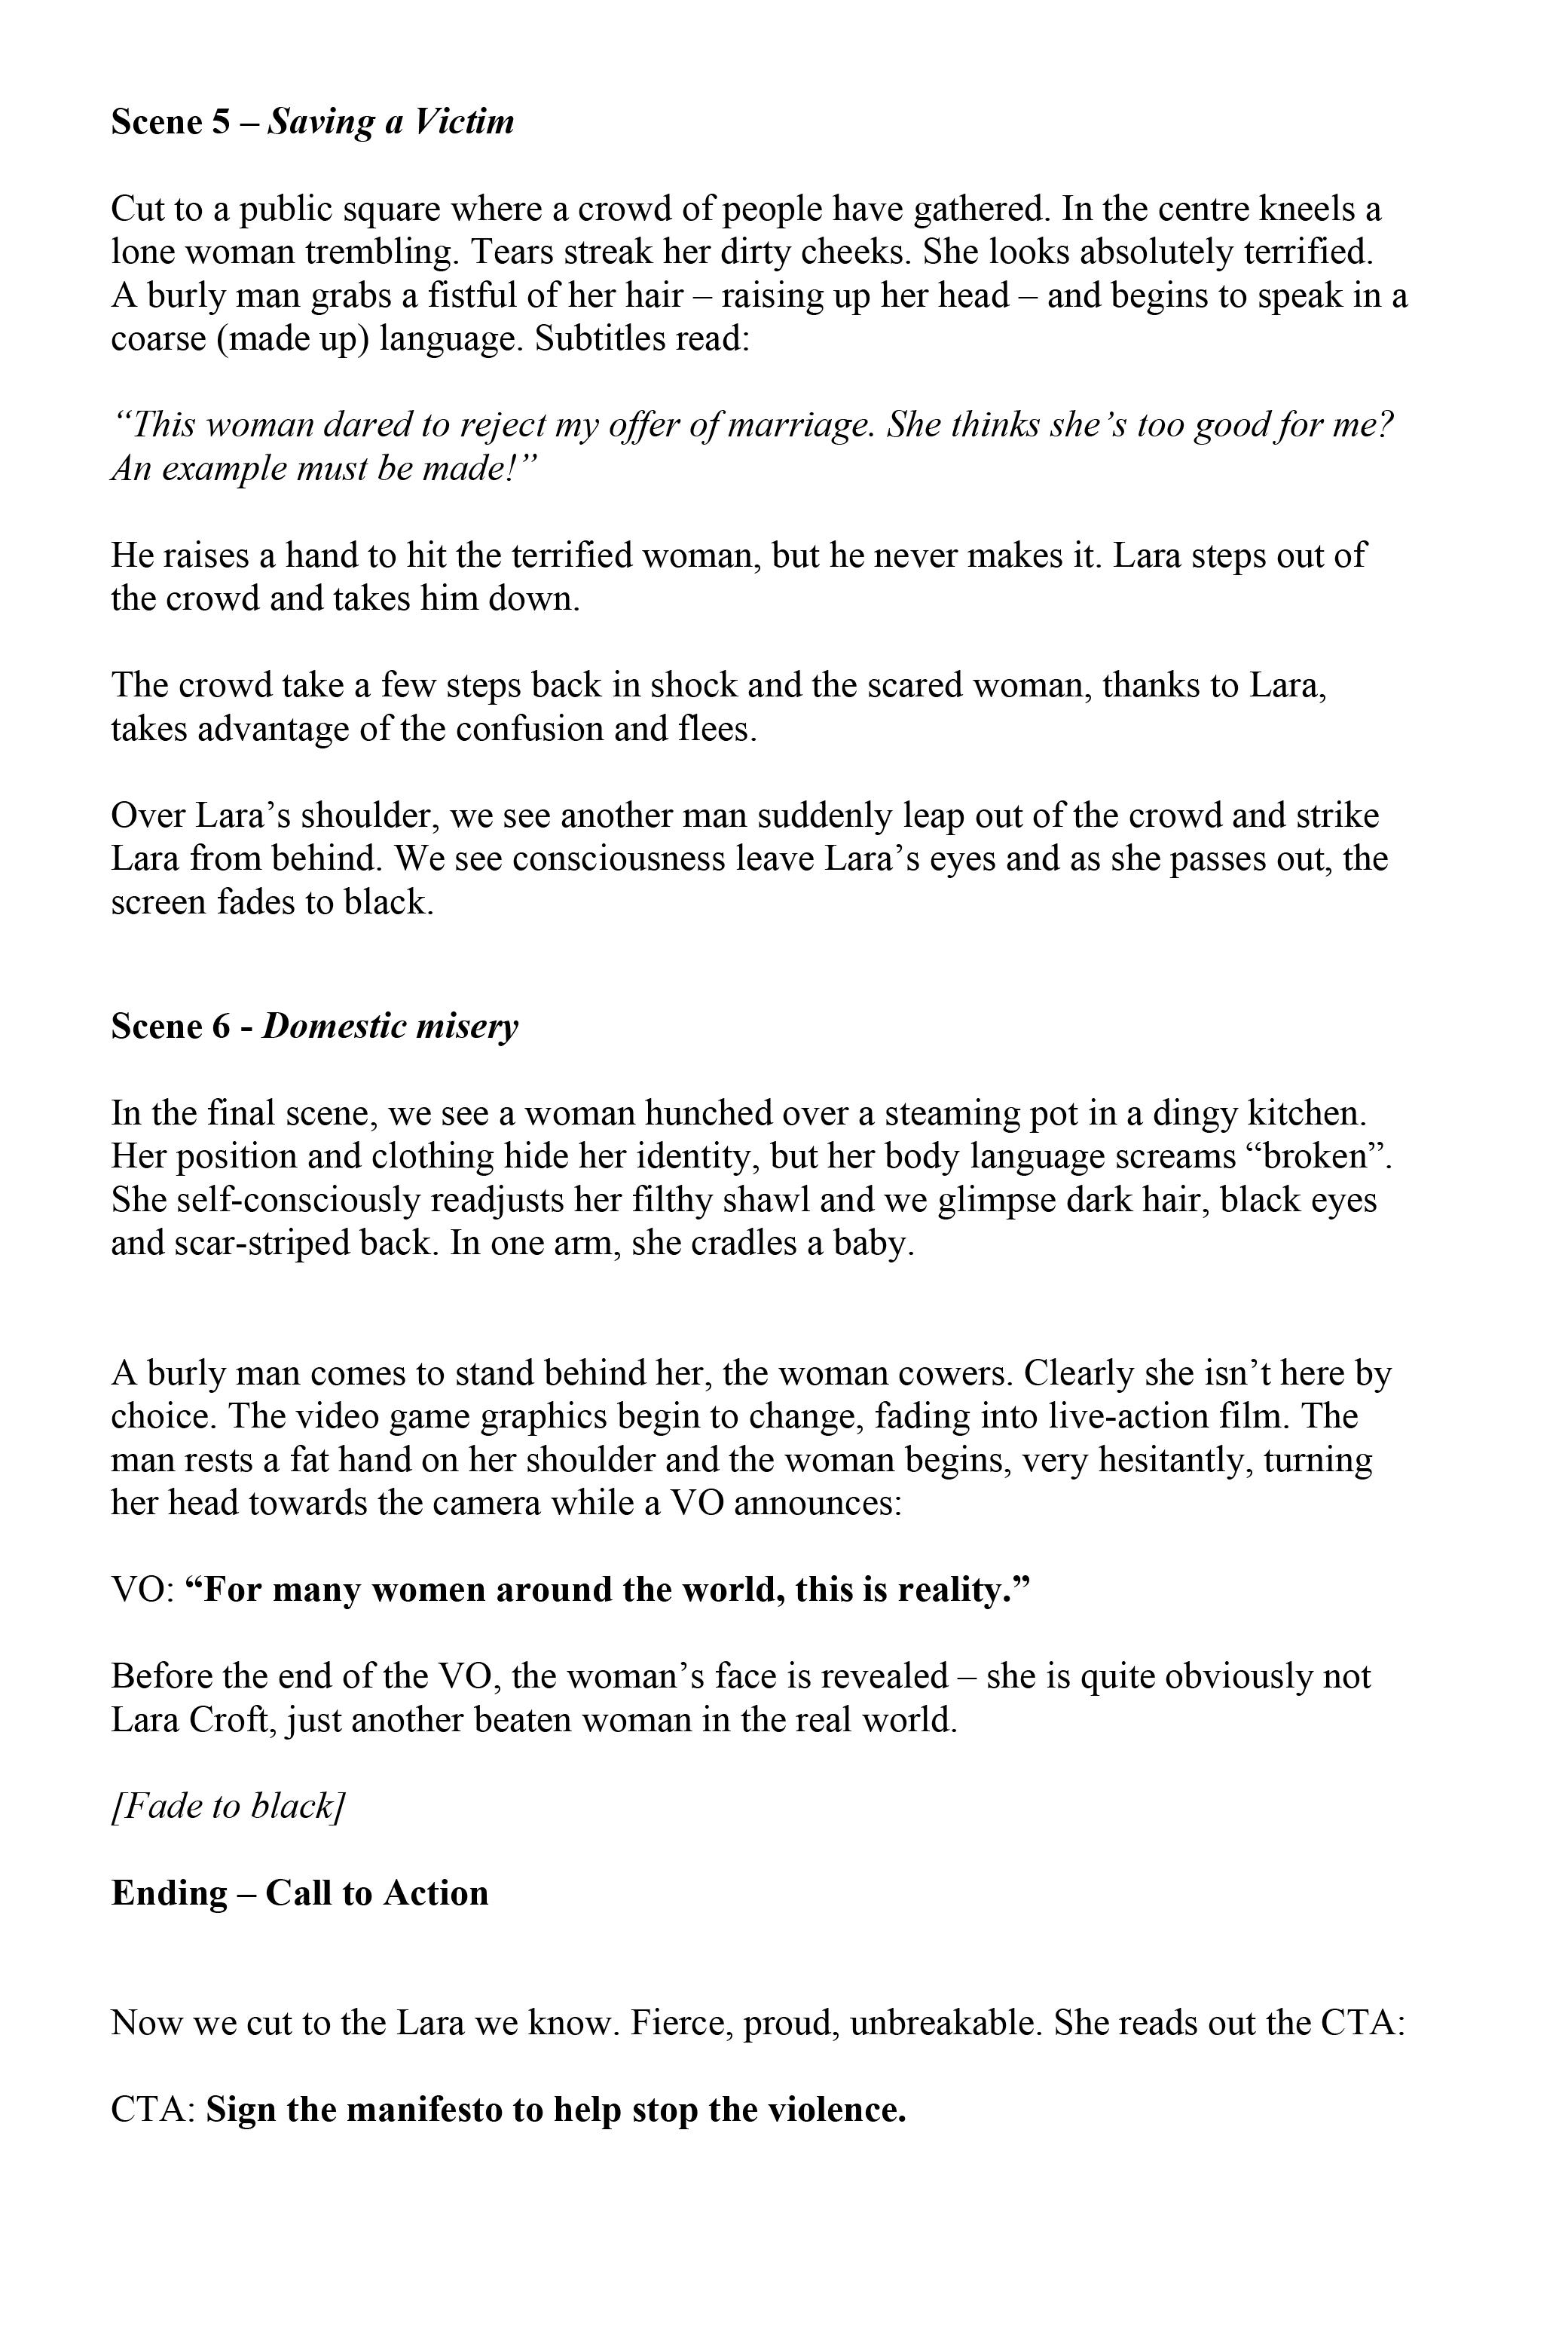 Lara-Croft-script-V-April-2.jpg